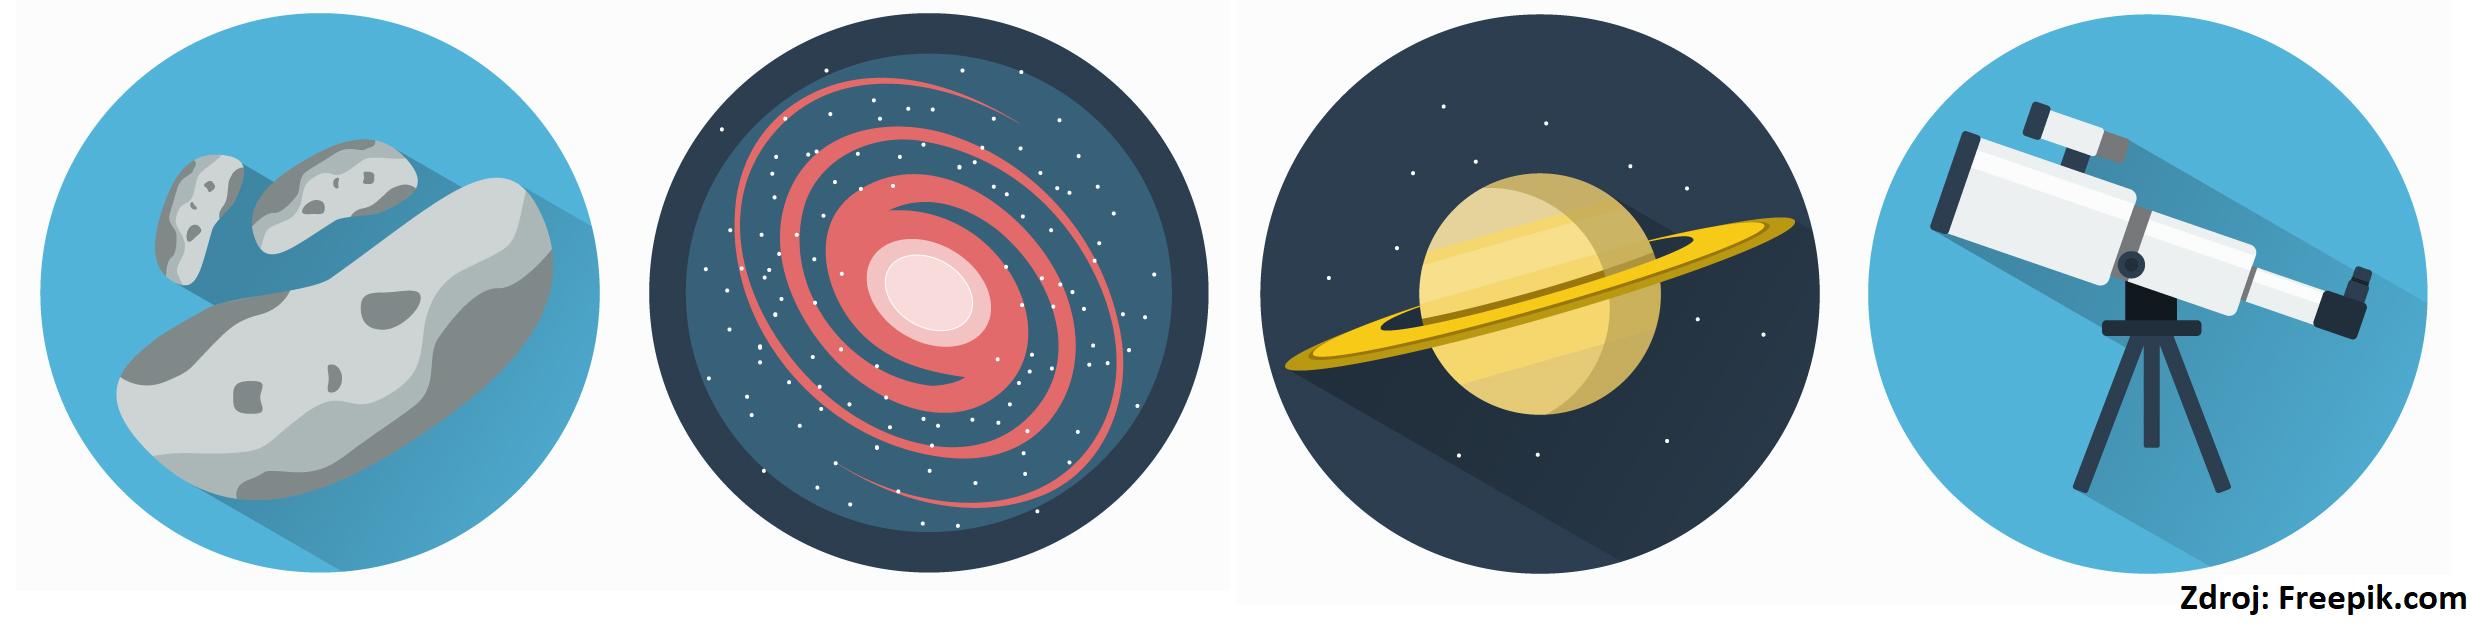 astroicons vedľa seba